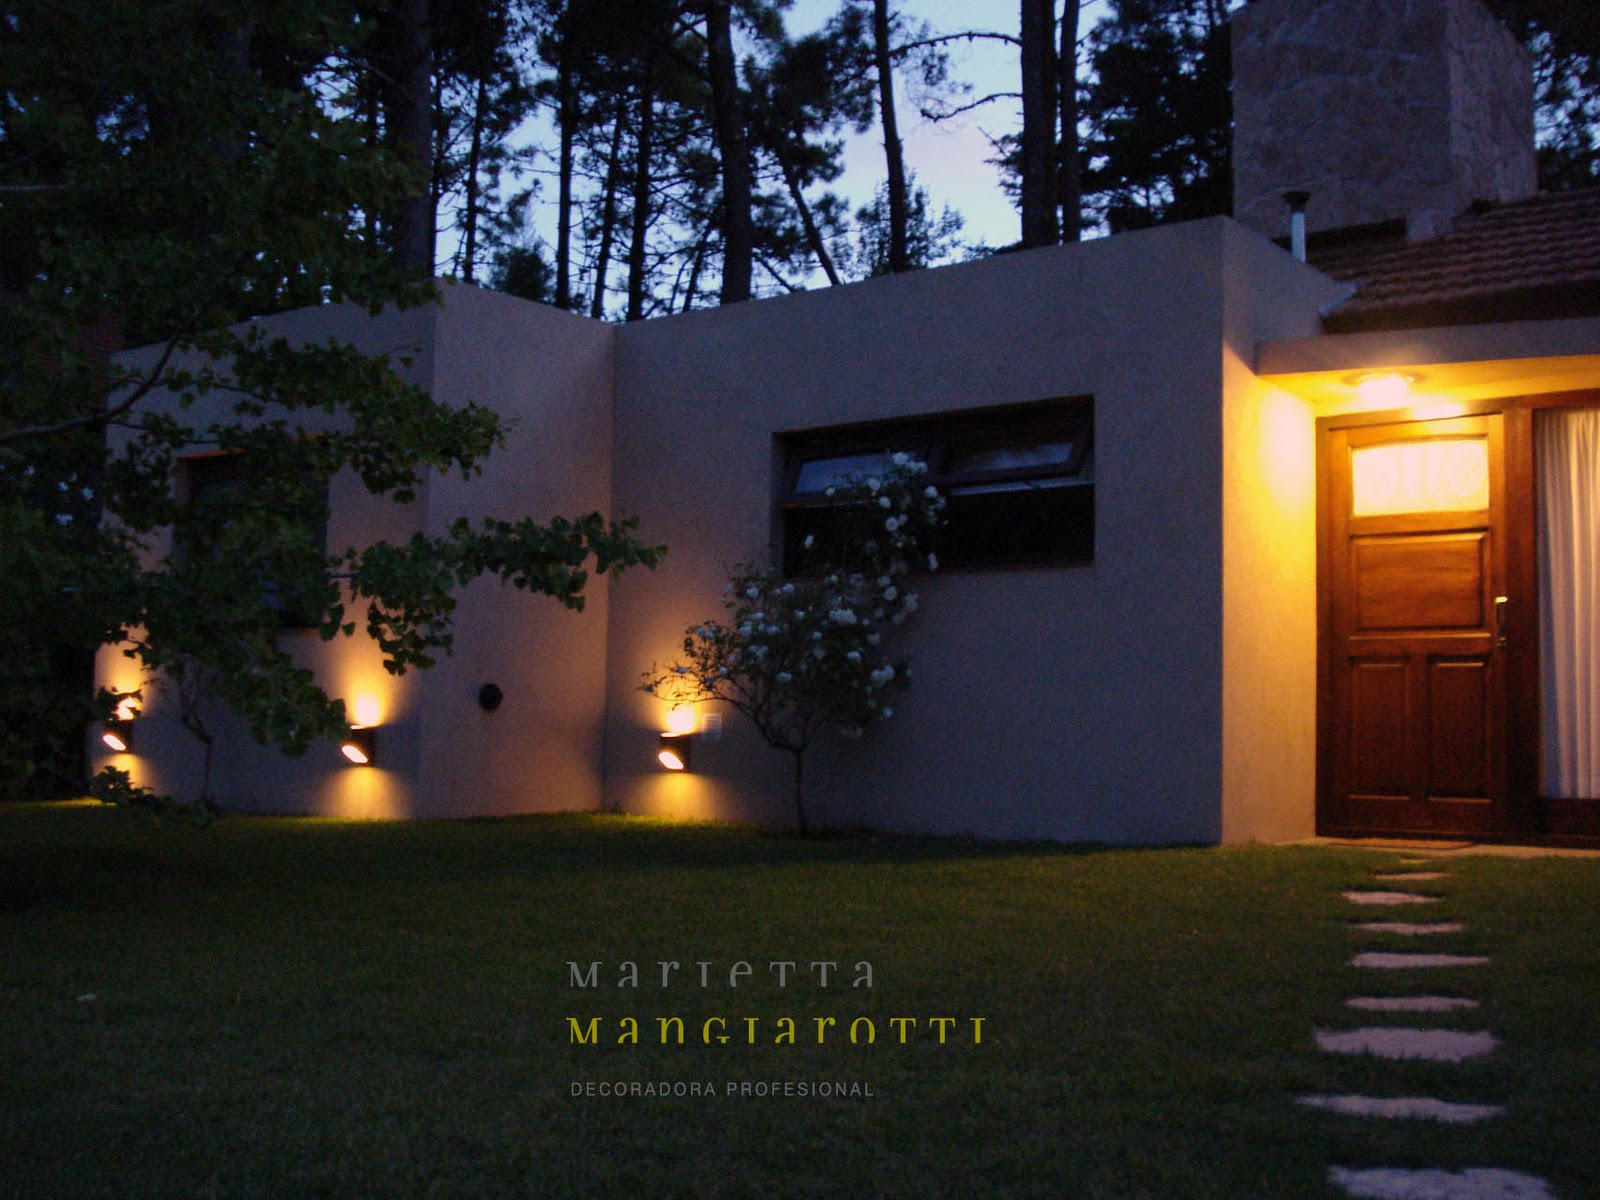 Iluminaci n exterior caril argentina - Luces exterior jardin ...